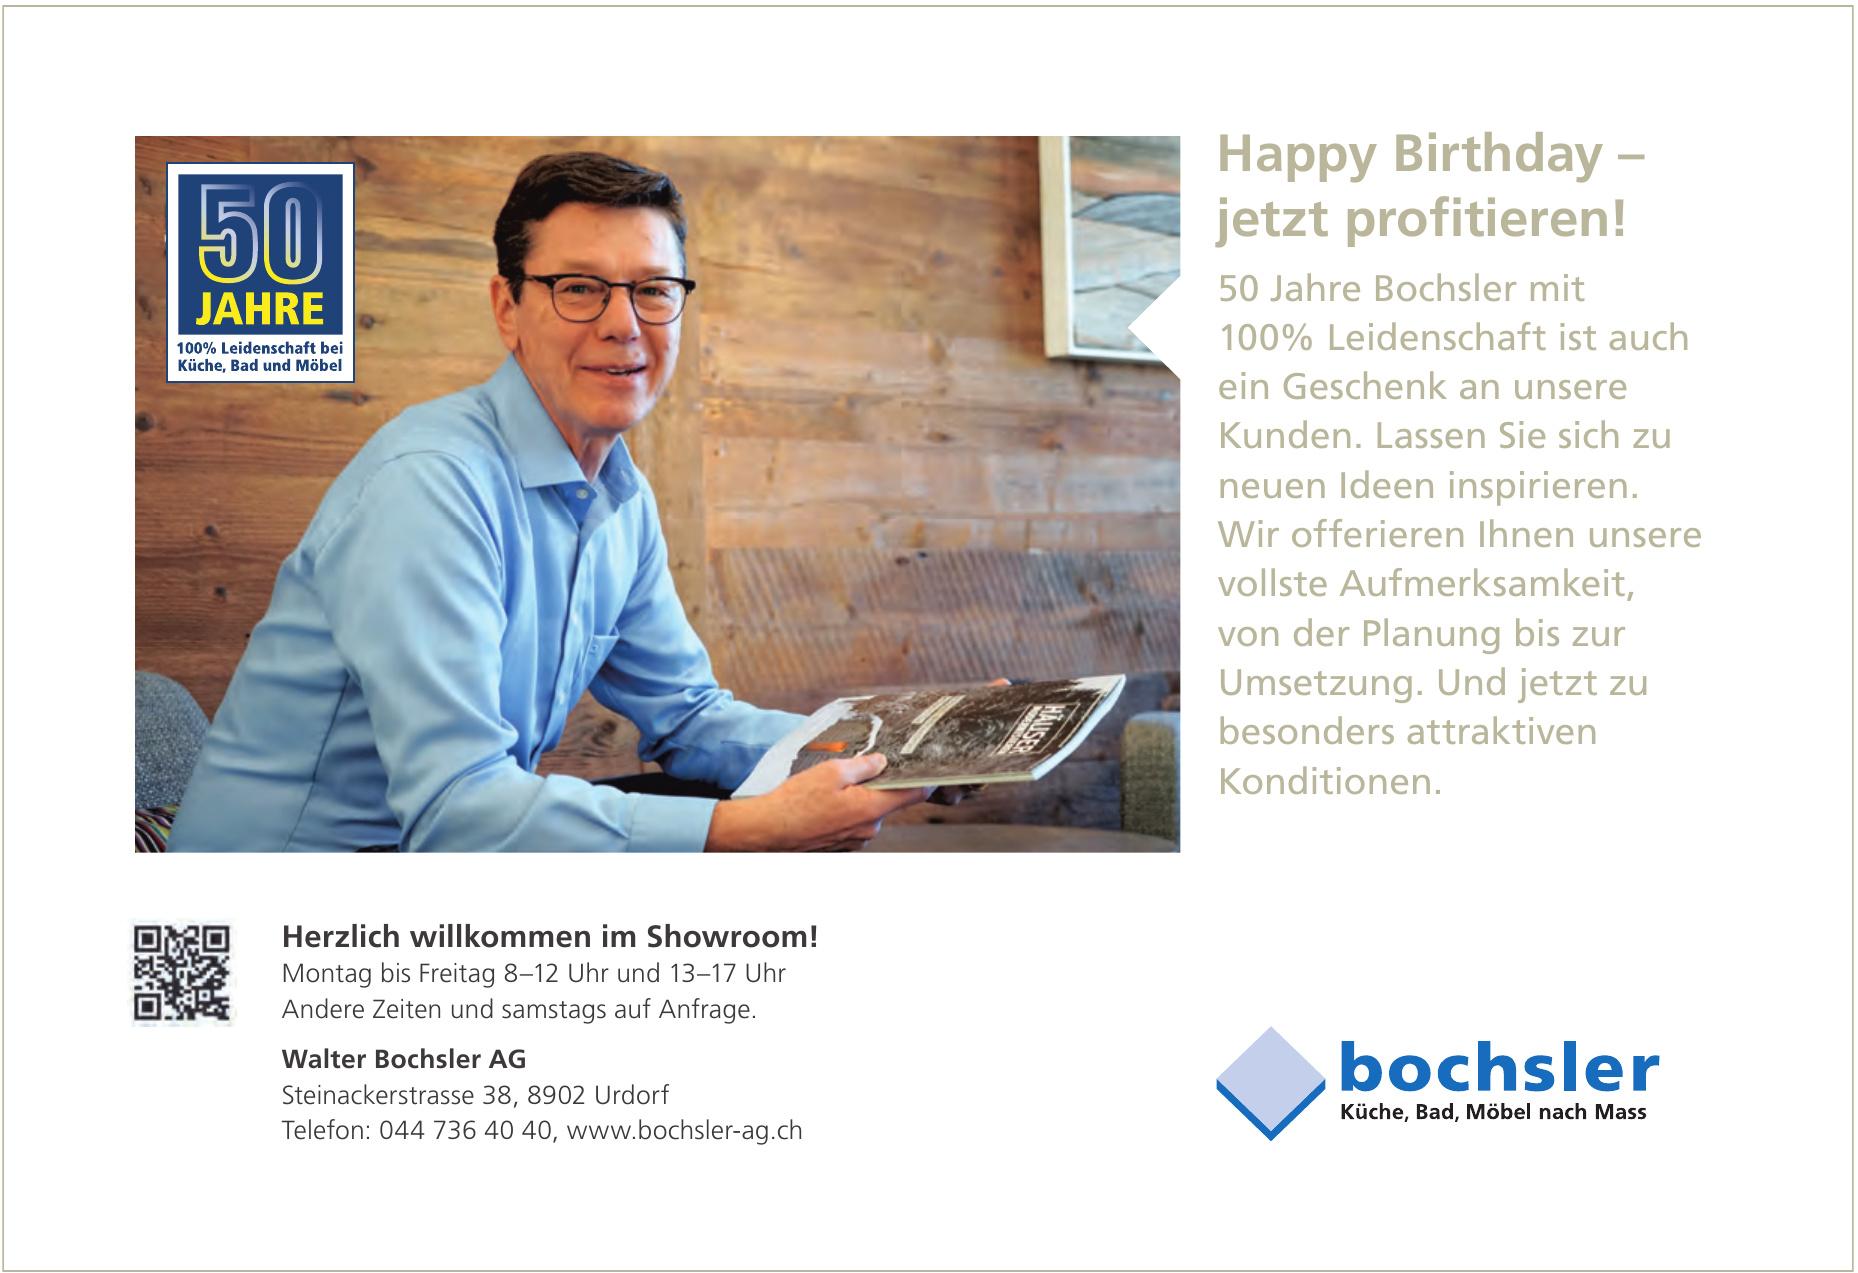 Walter Bochsler AG